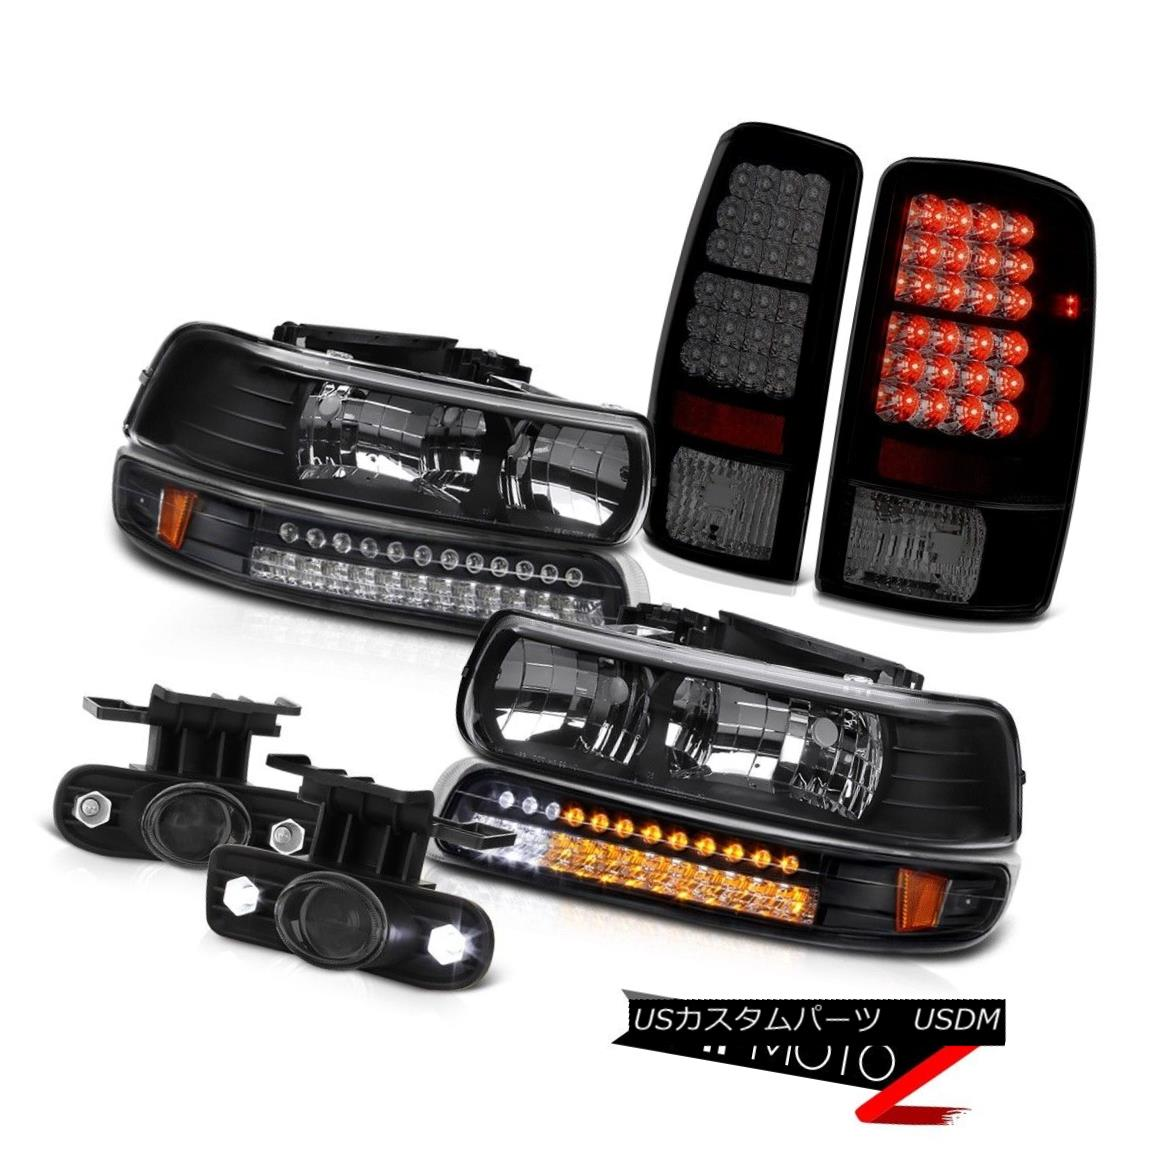 テールライト 00-06 Tahoe 4.8L LH+RH Black Headlamps SMD Bright LED Taillamps Projector Fog 00-06タホ4.8L LH + RHブラックヘッドランプSMD Bright LEDタイルランププロジェクターフォグ